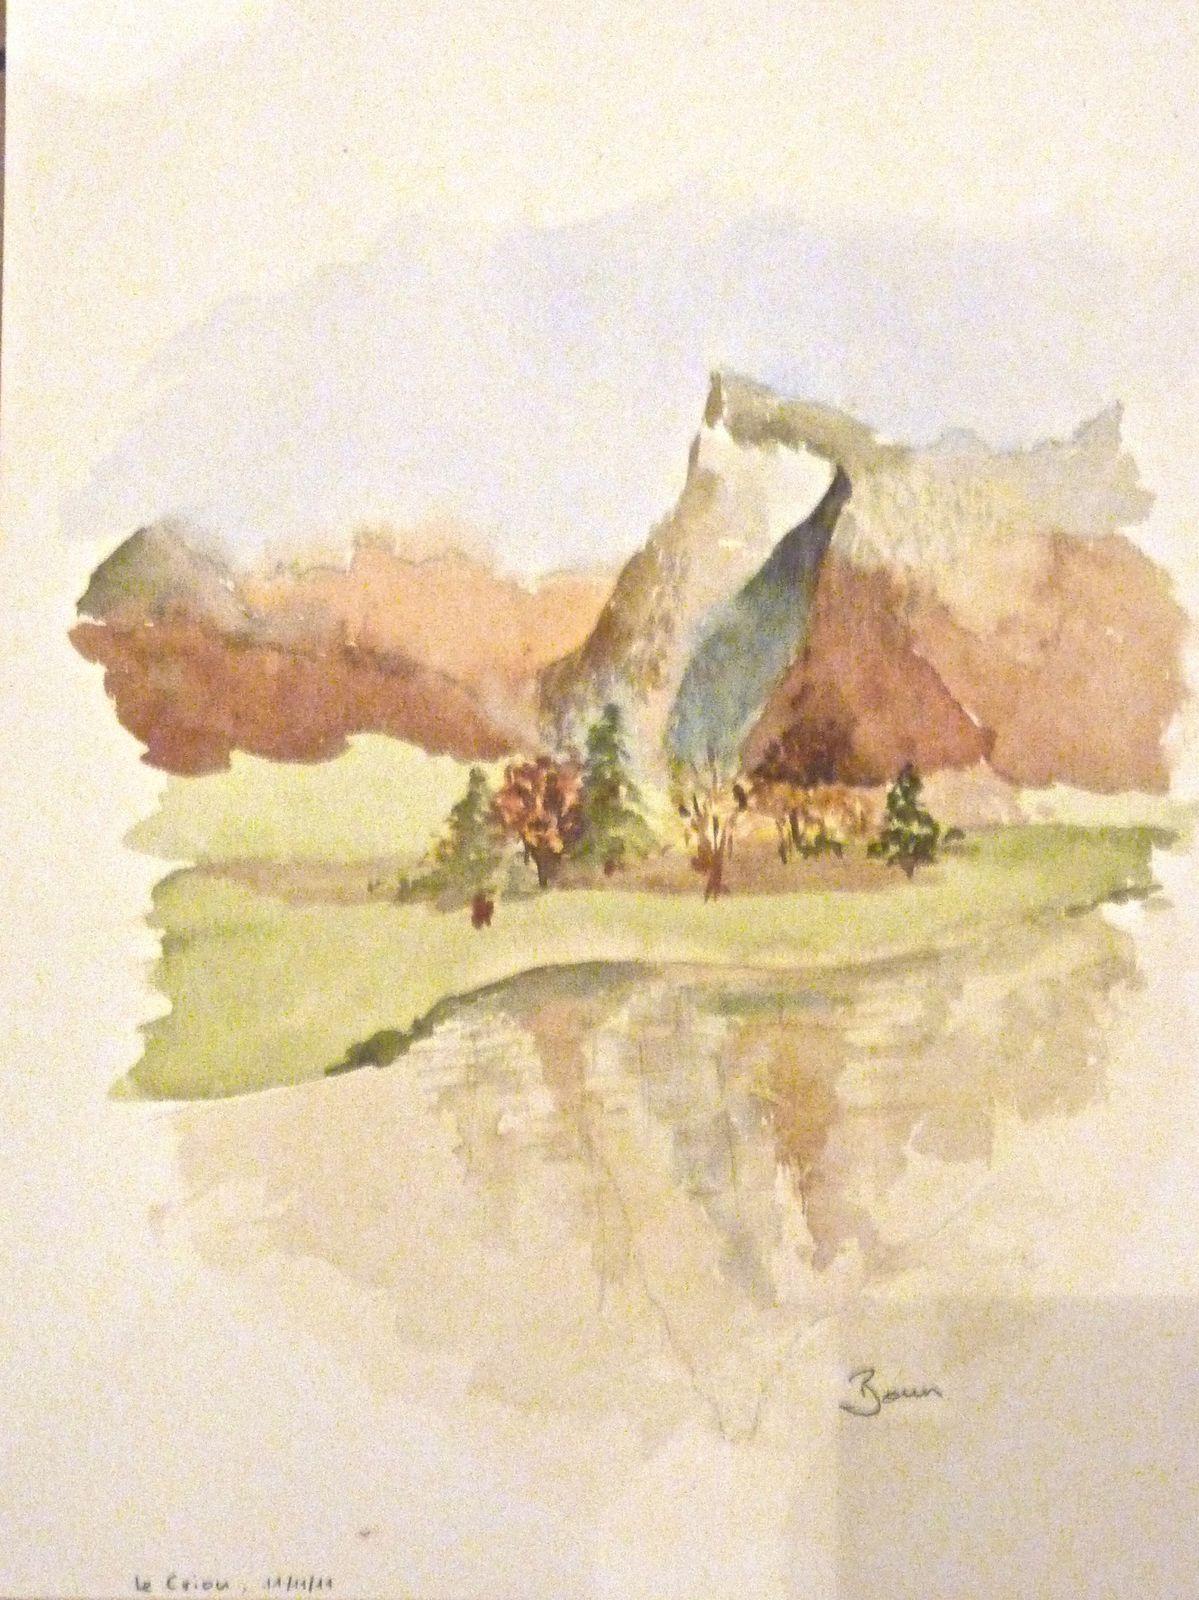 Mes 2 premières aquarelles, le 11/11/11 avec Annie (Prof aux Beaux Arts de Lyon)